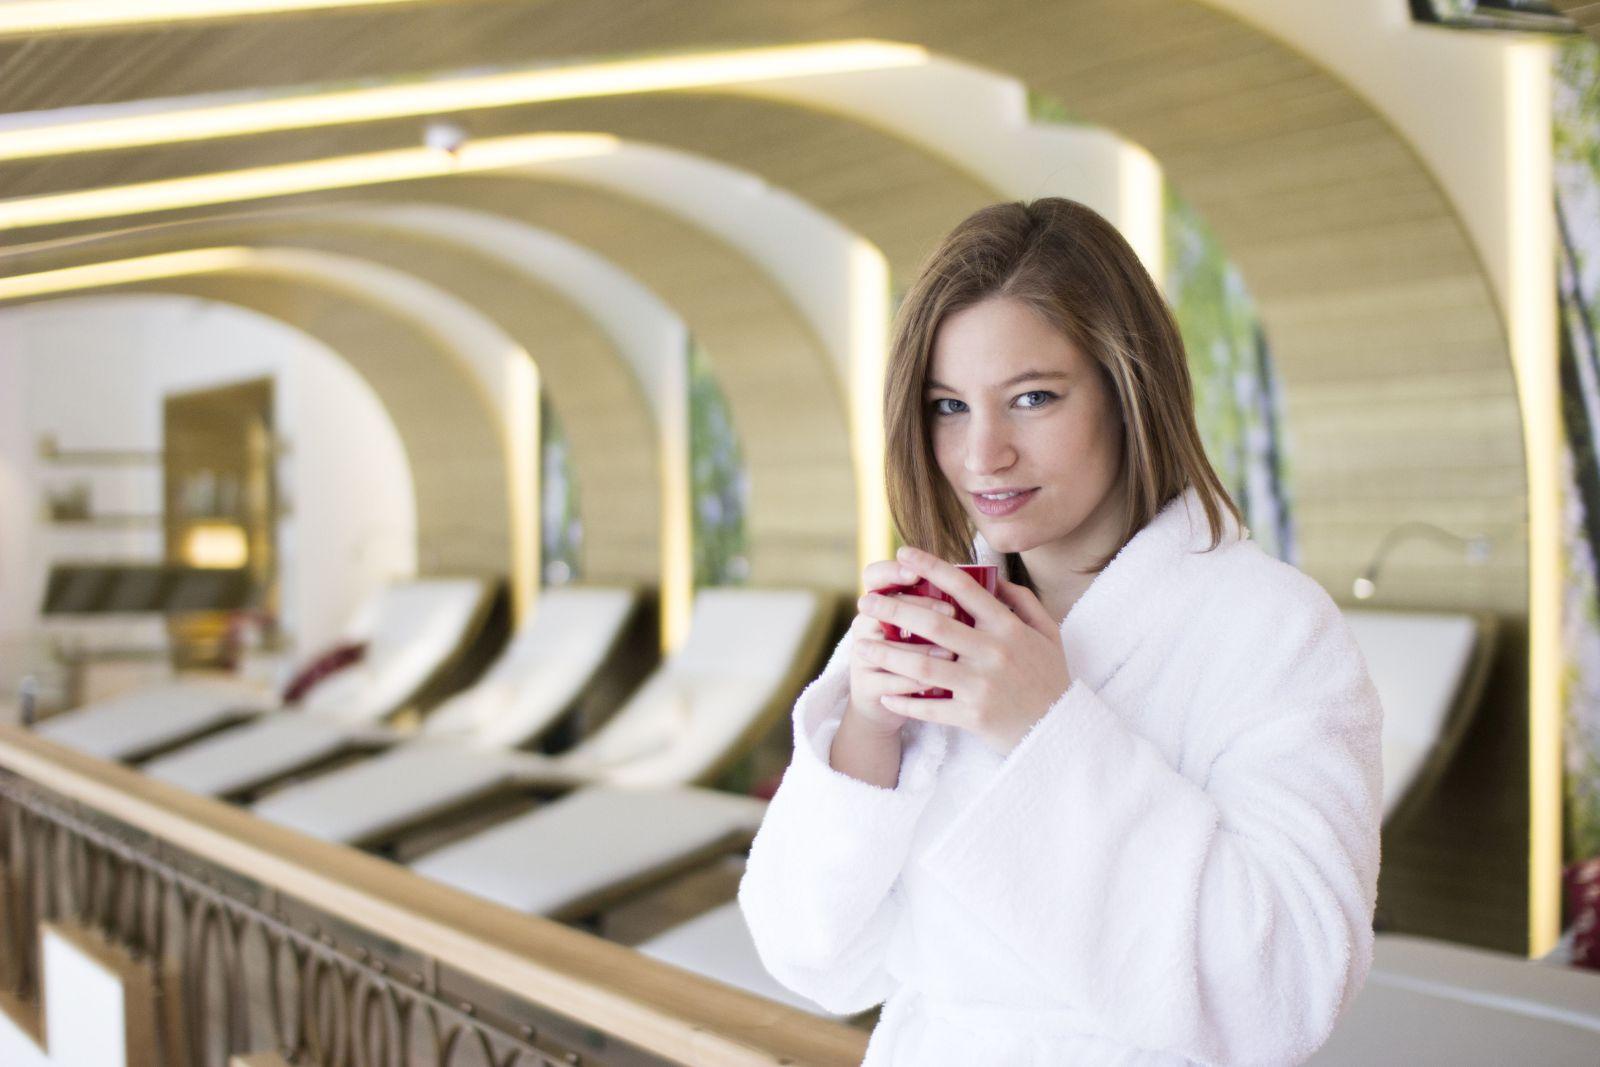 Junge Frau mit Bademantel und Tasse Tee im Ruheraum vom Jagdhaus Wiese